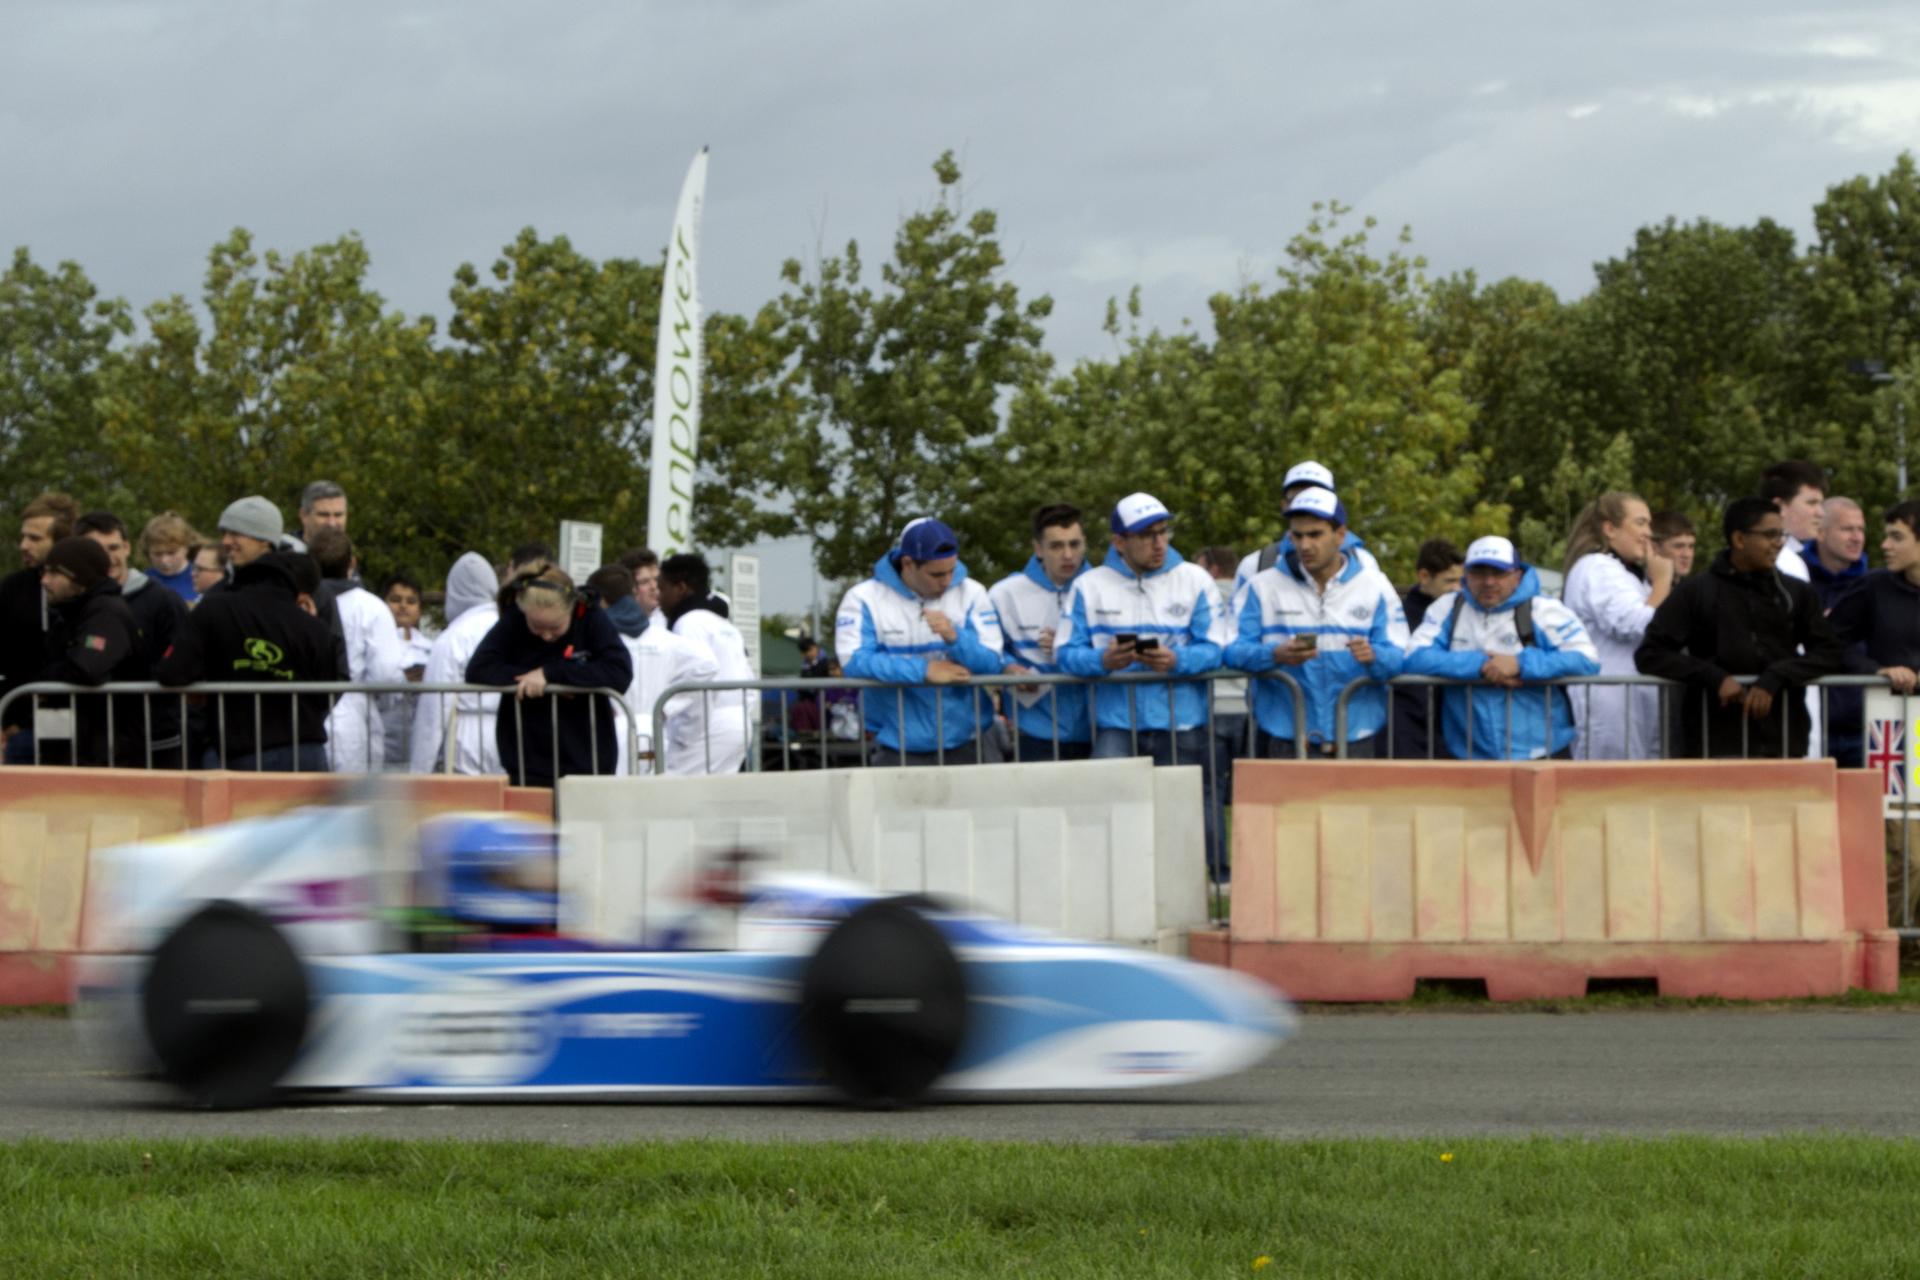 El equipo argentino también se llevó el premio al mejor equipo debutante en la competencia.